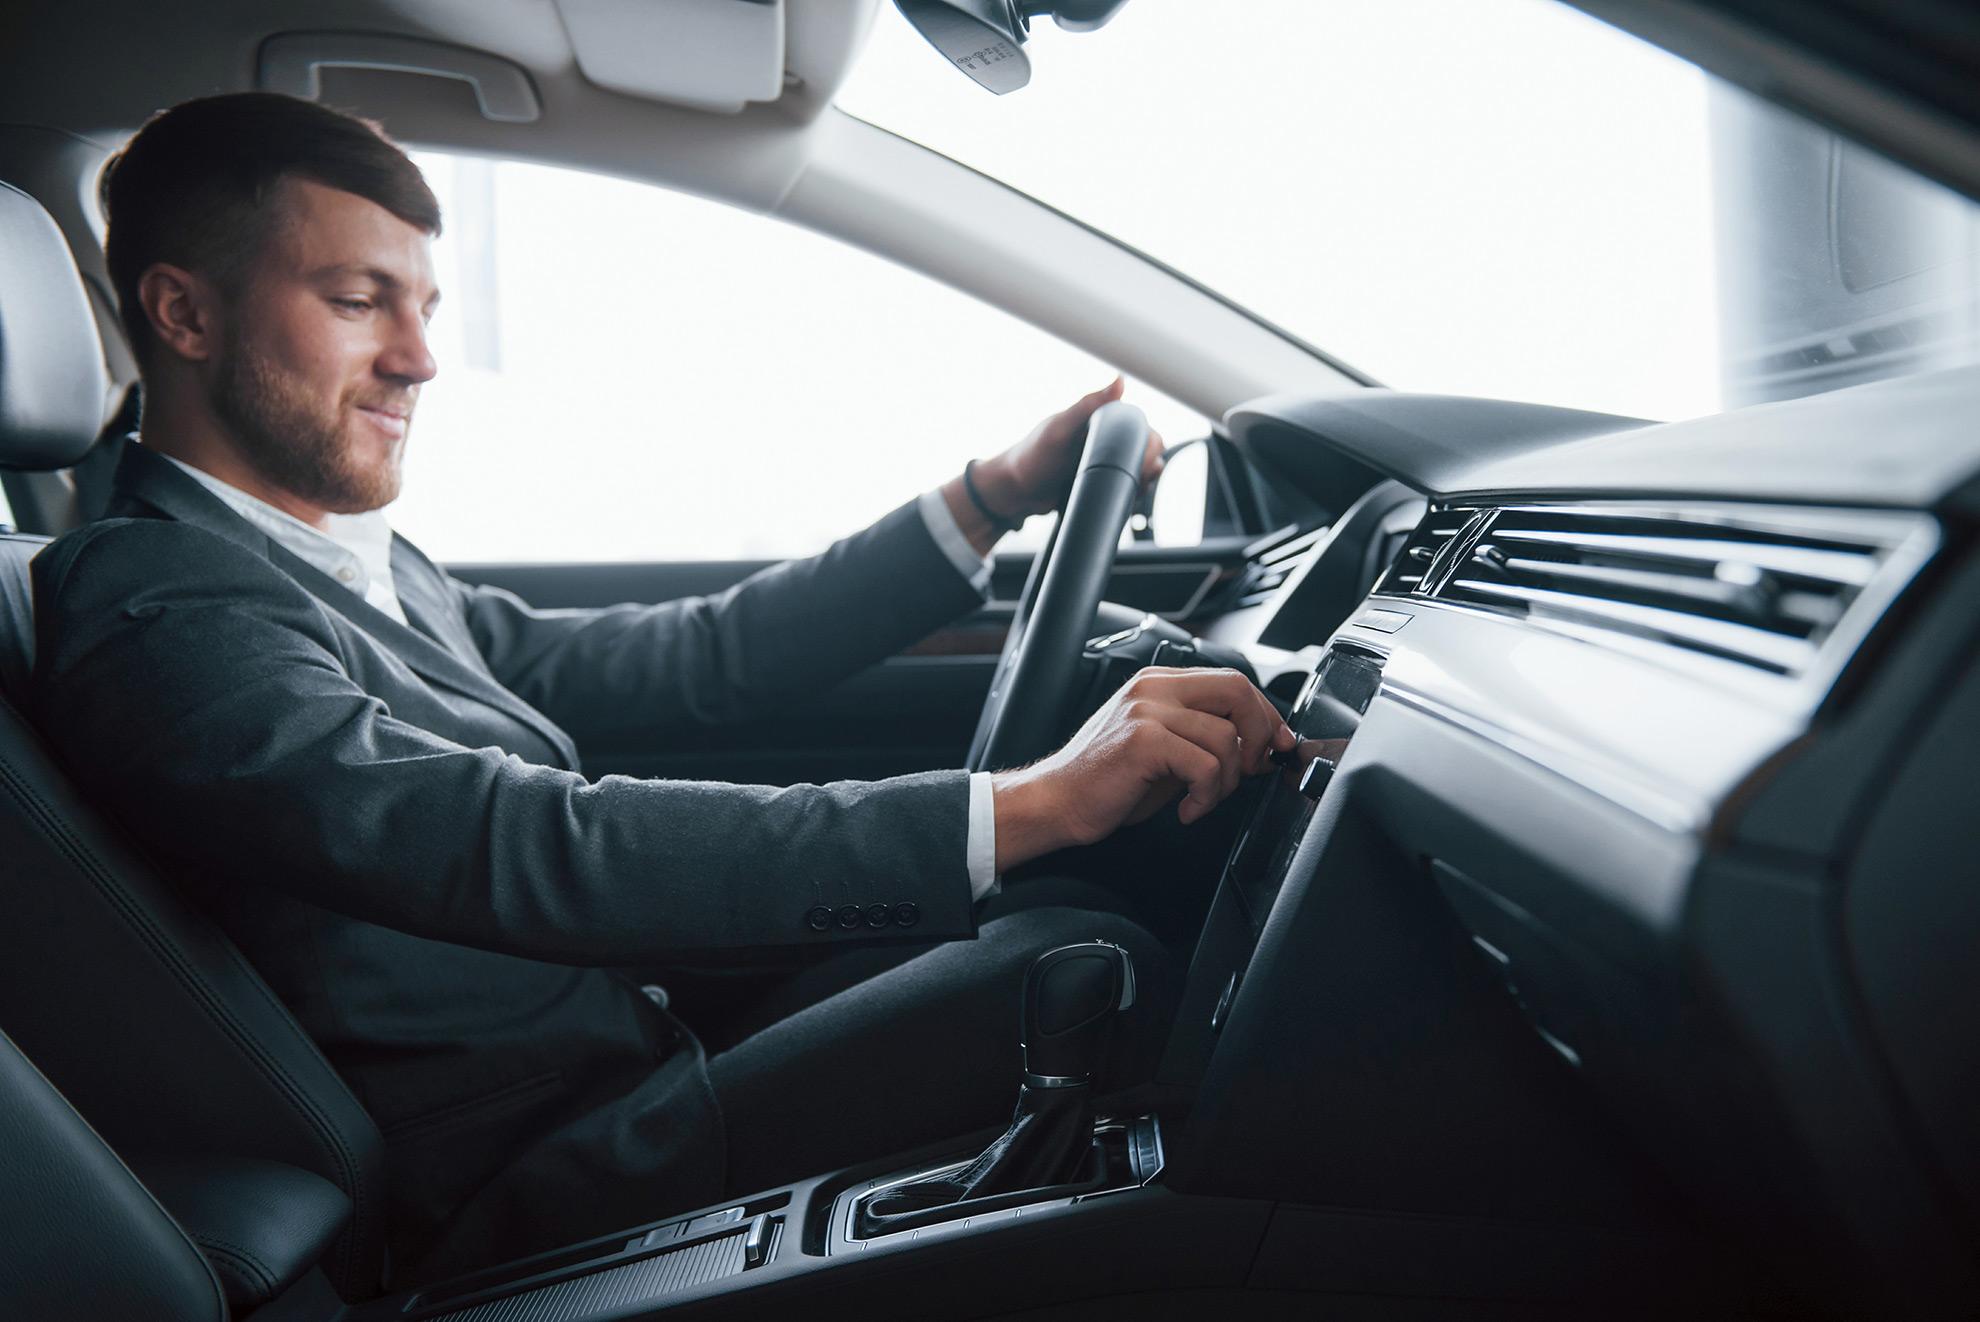 Muzyka w samochodzie, ilustracja do artykułu o słuchaniu głośnej muzyki w aucie